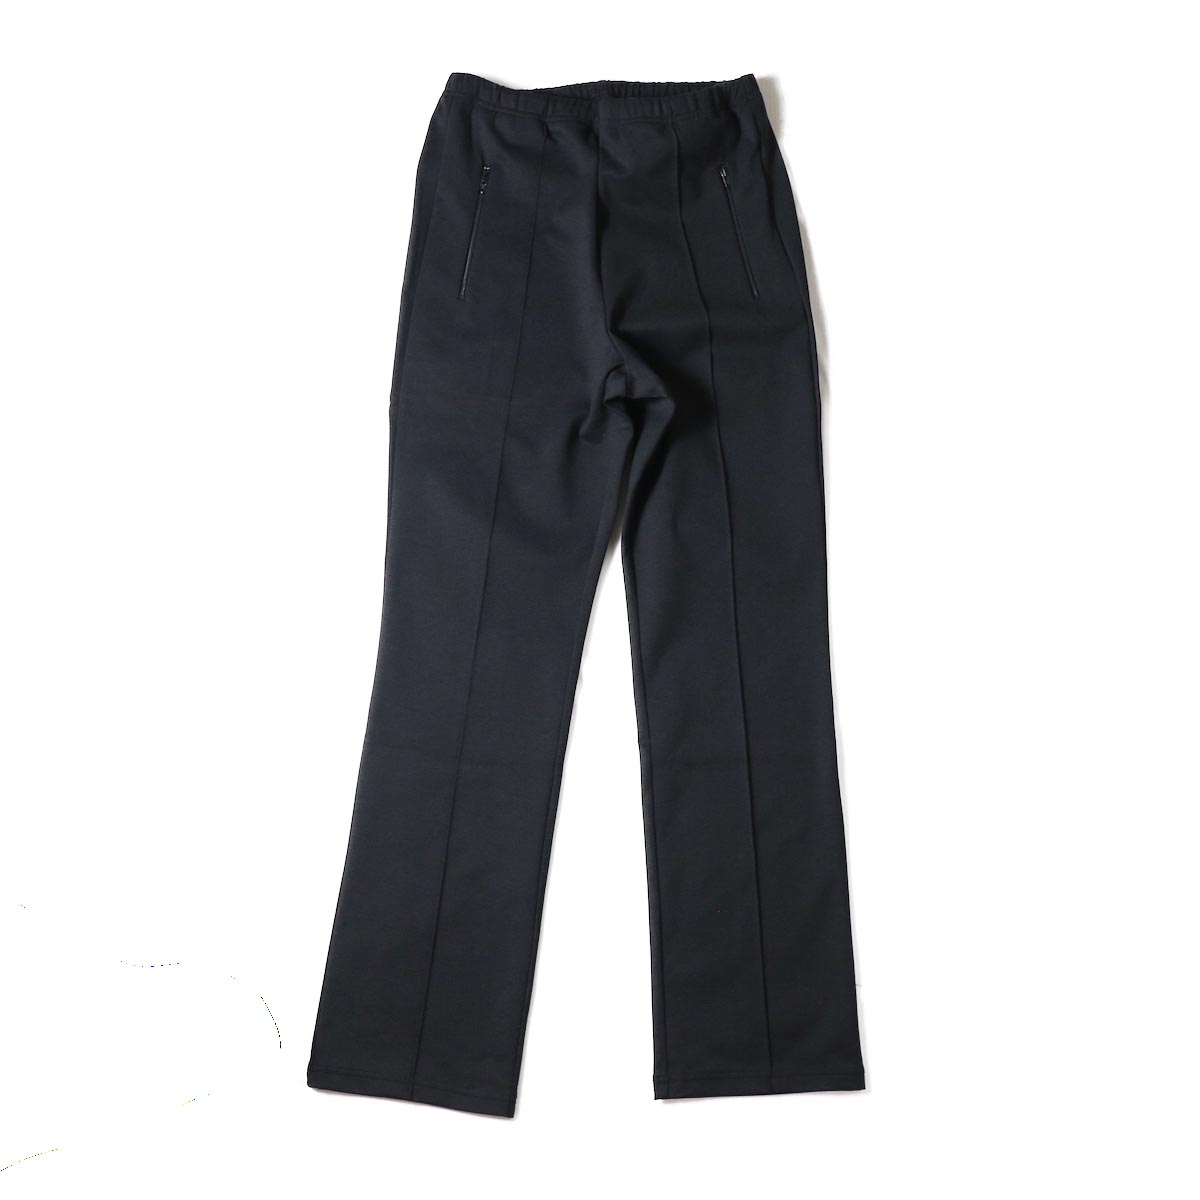 UNUSED Ladies / UW0683 Track Pant -Black